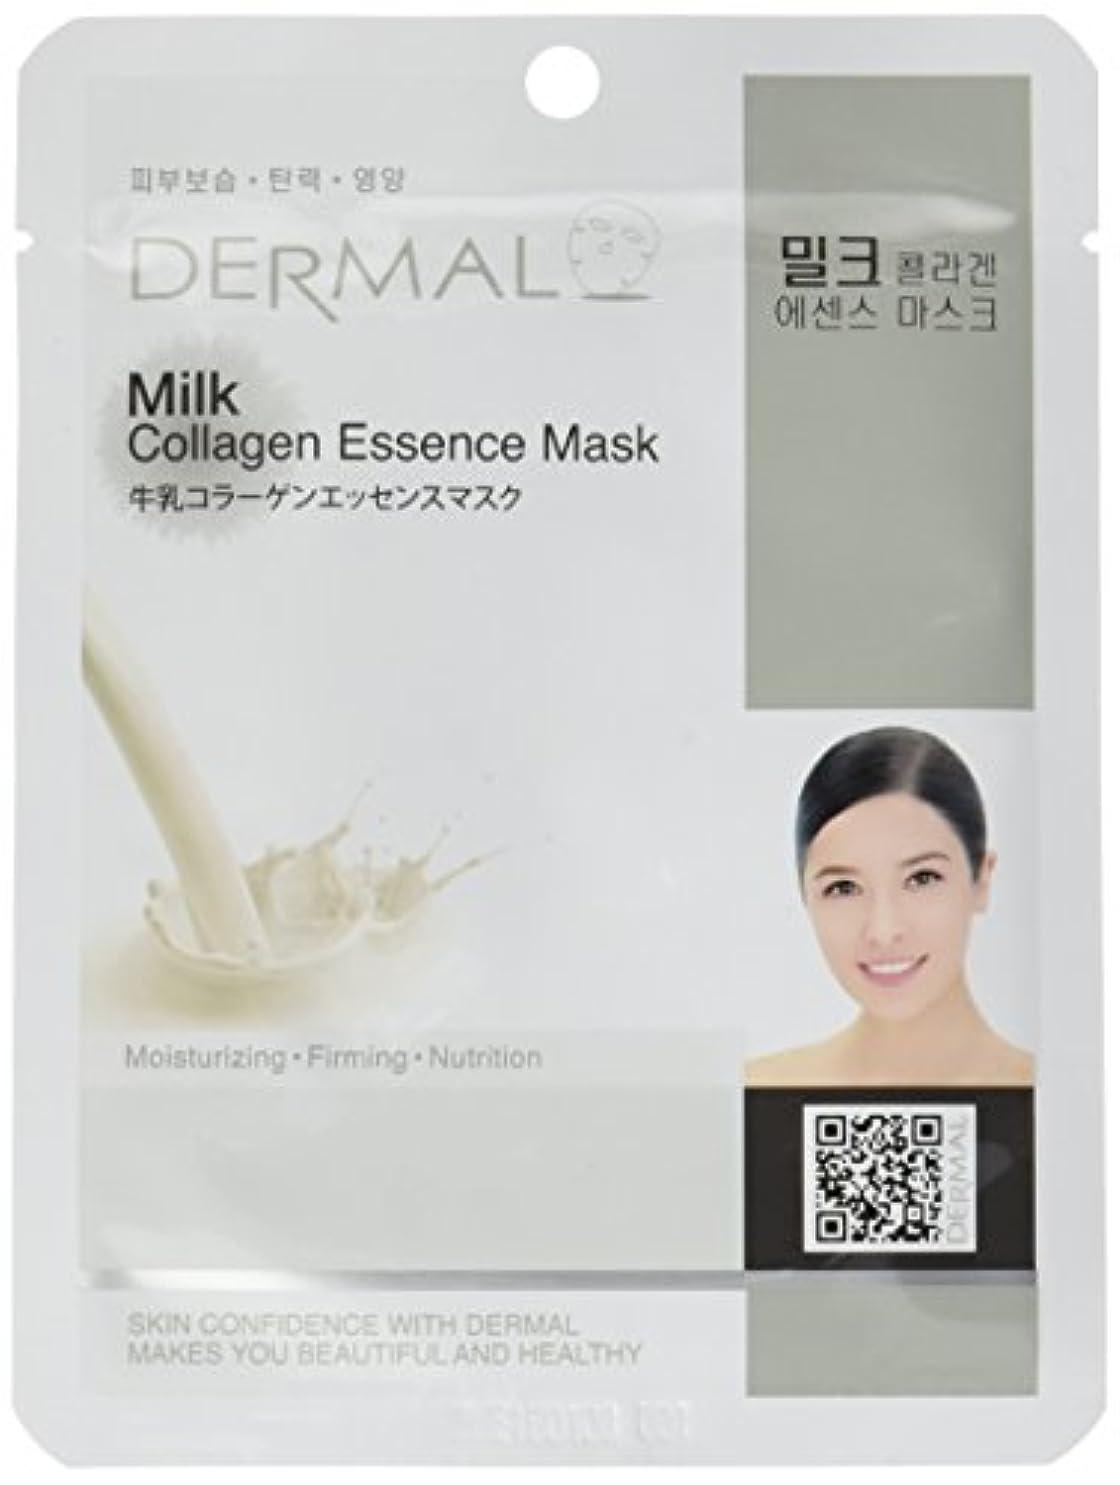 つま先大きさ公式シートマスク DERMAL(ダーマル) お任せ 30種類 30枚セット No.1